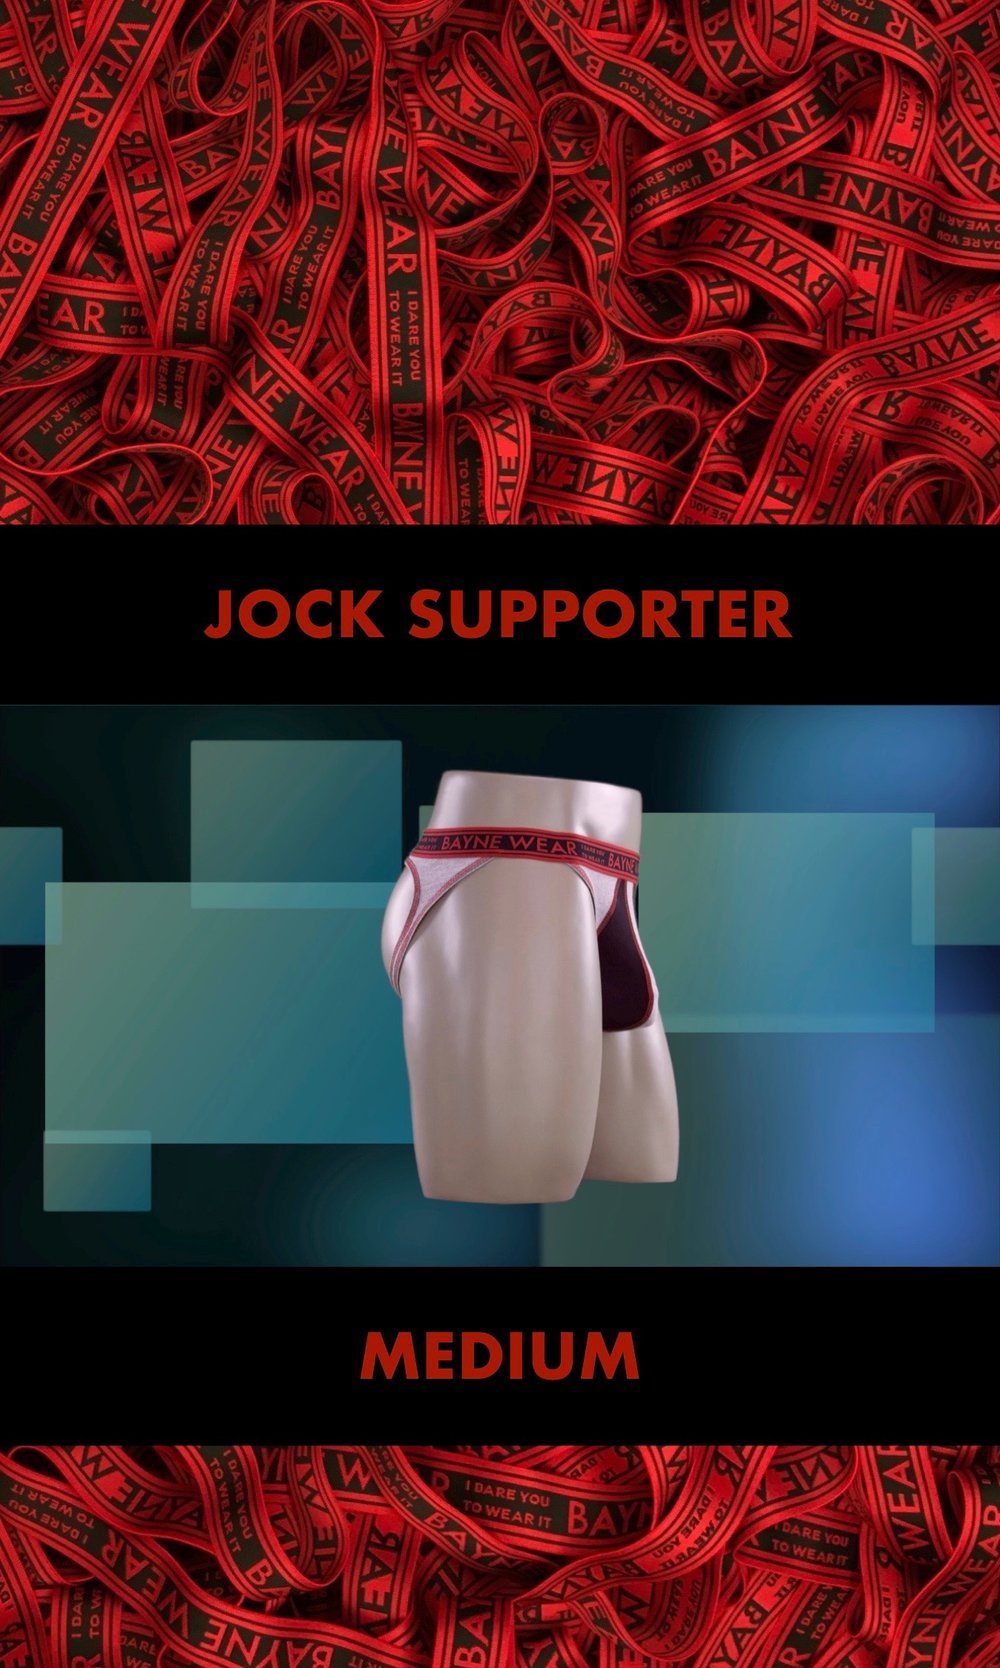 GARMENT TAG 2018 BACK JOCK SUPPORTER MEDIUM 2.jpg